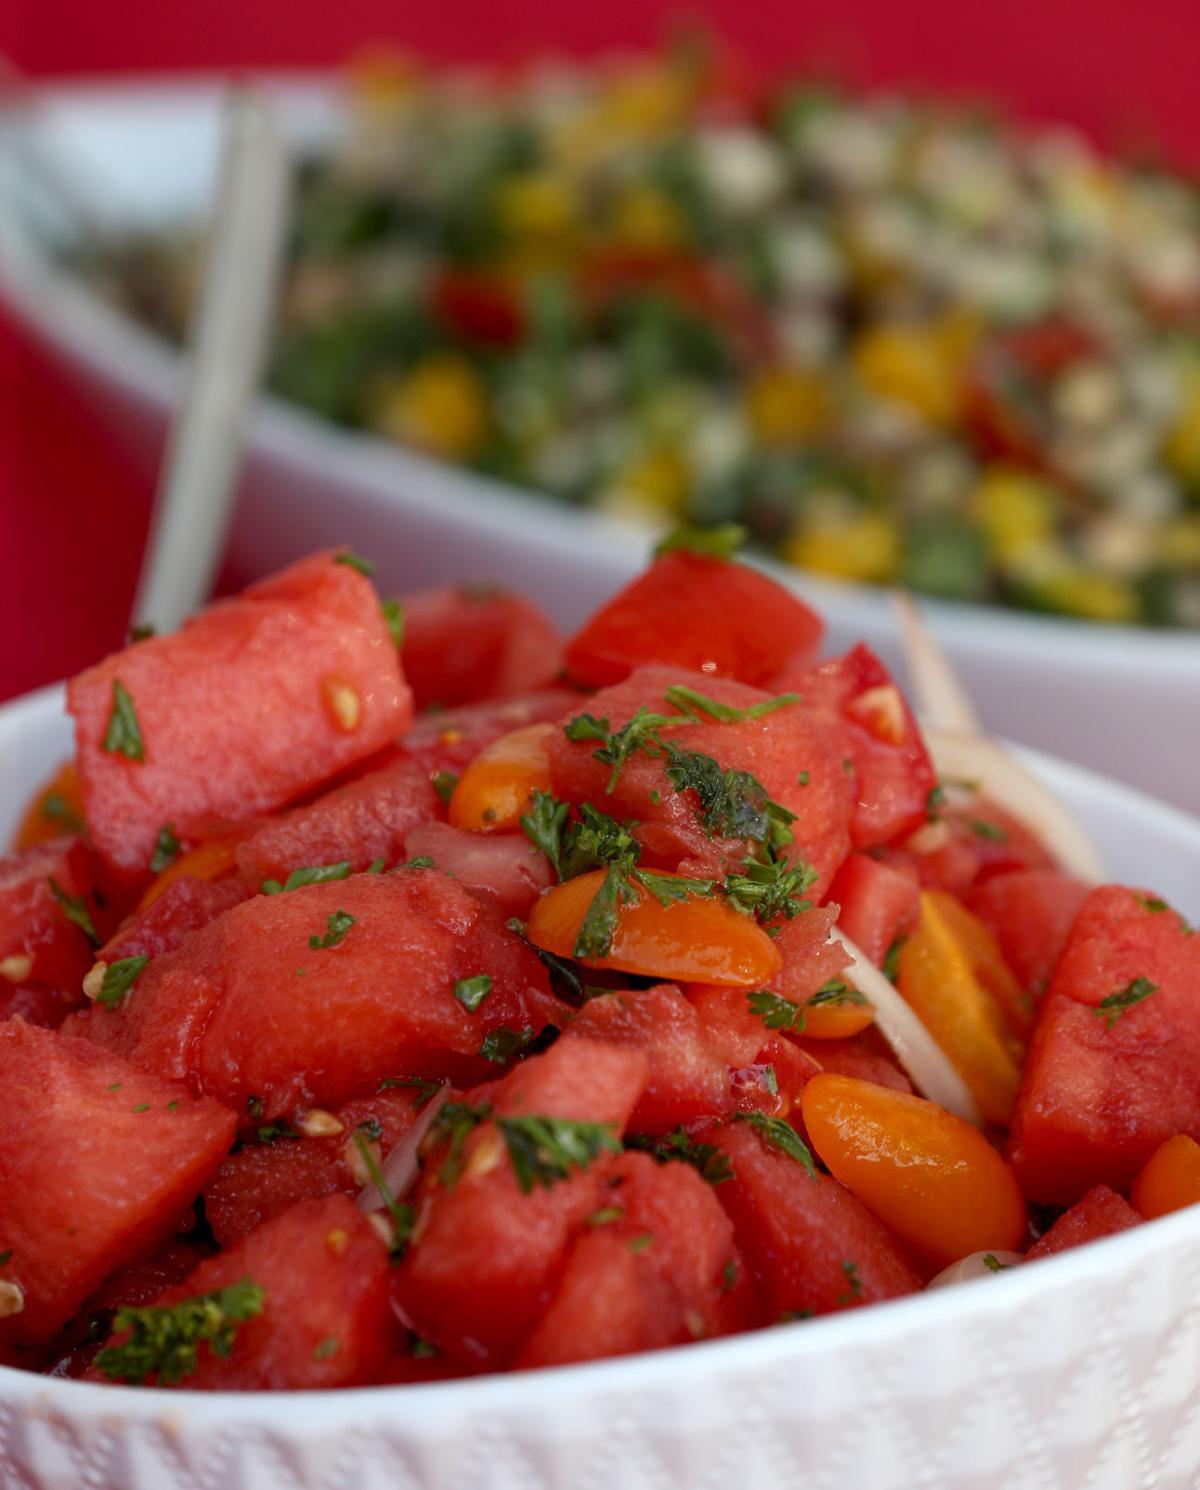 Picnicking recipes